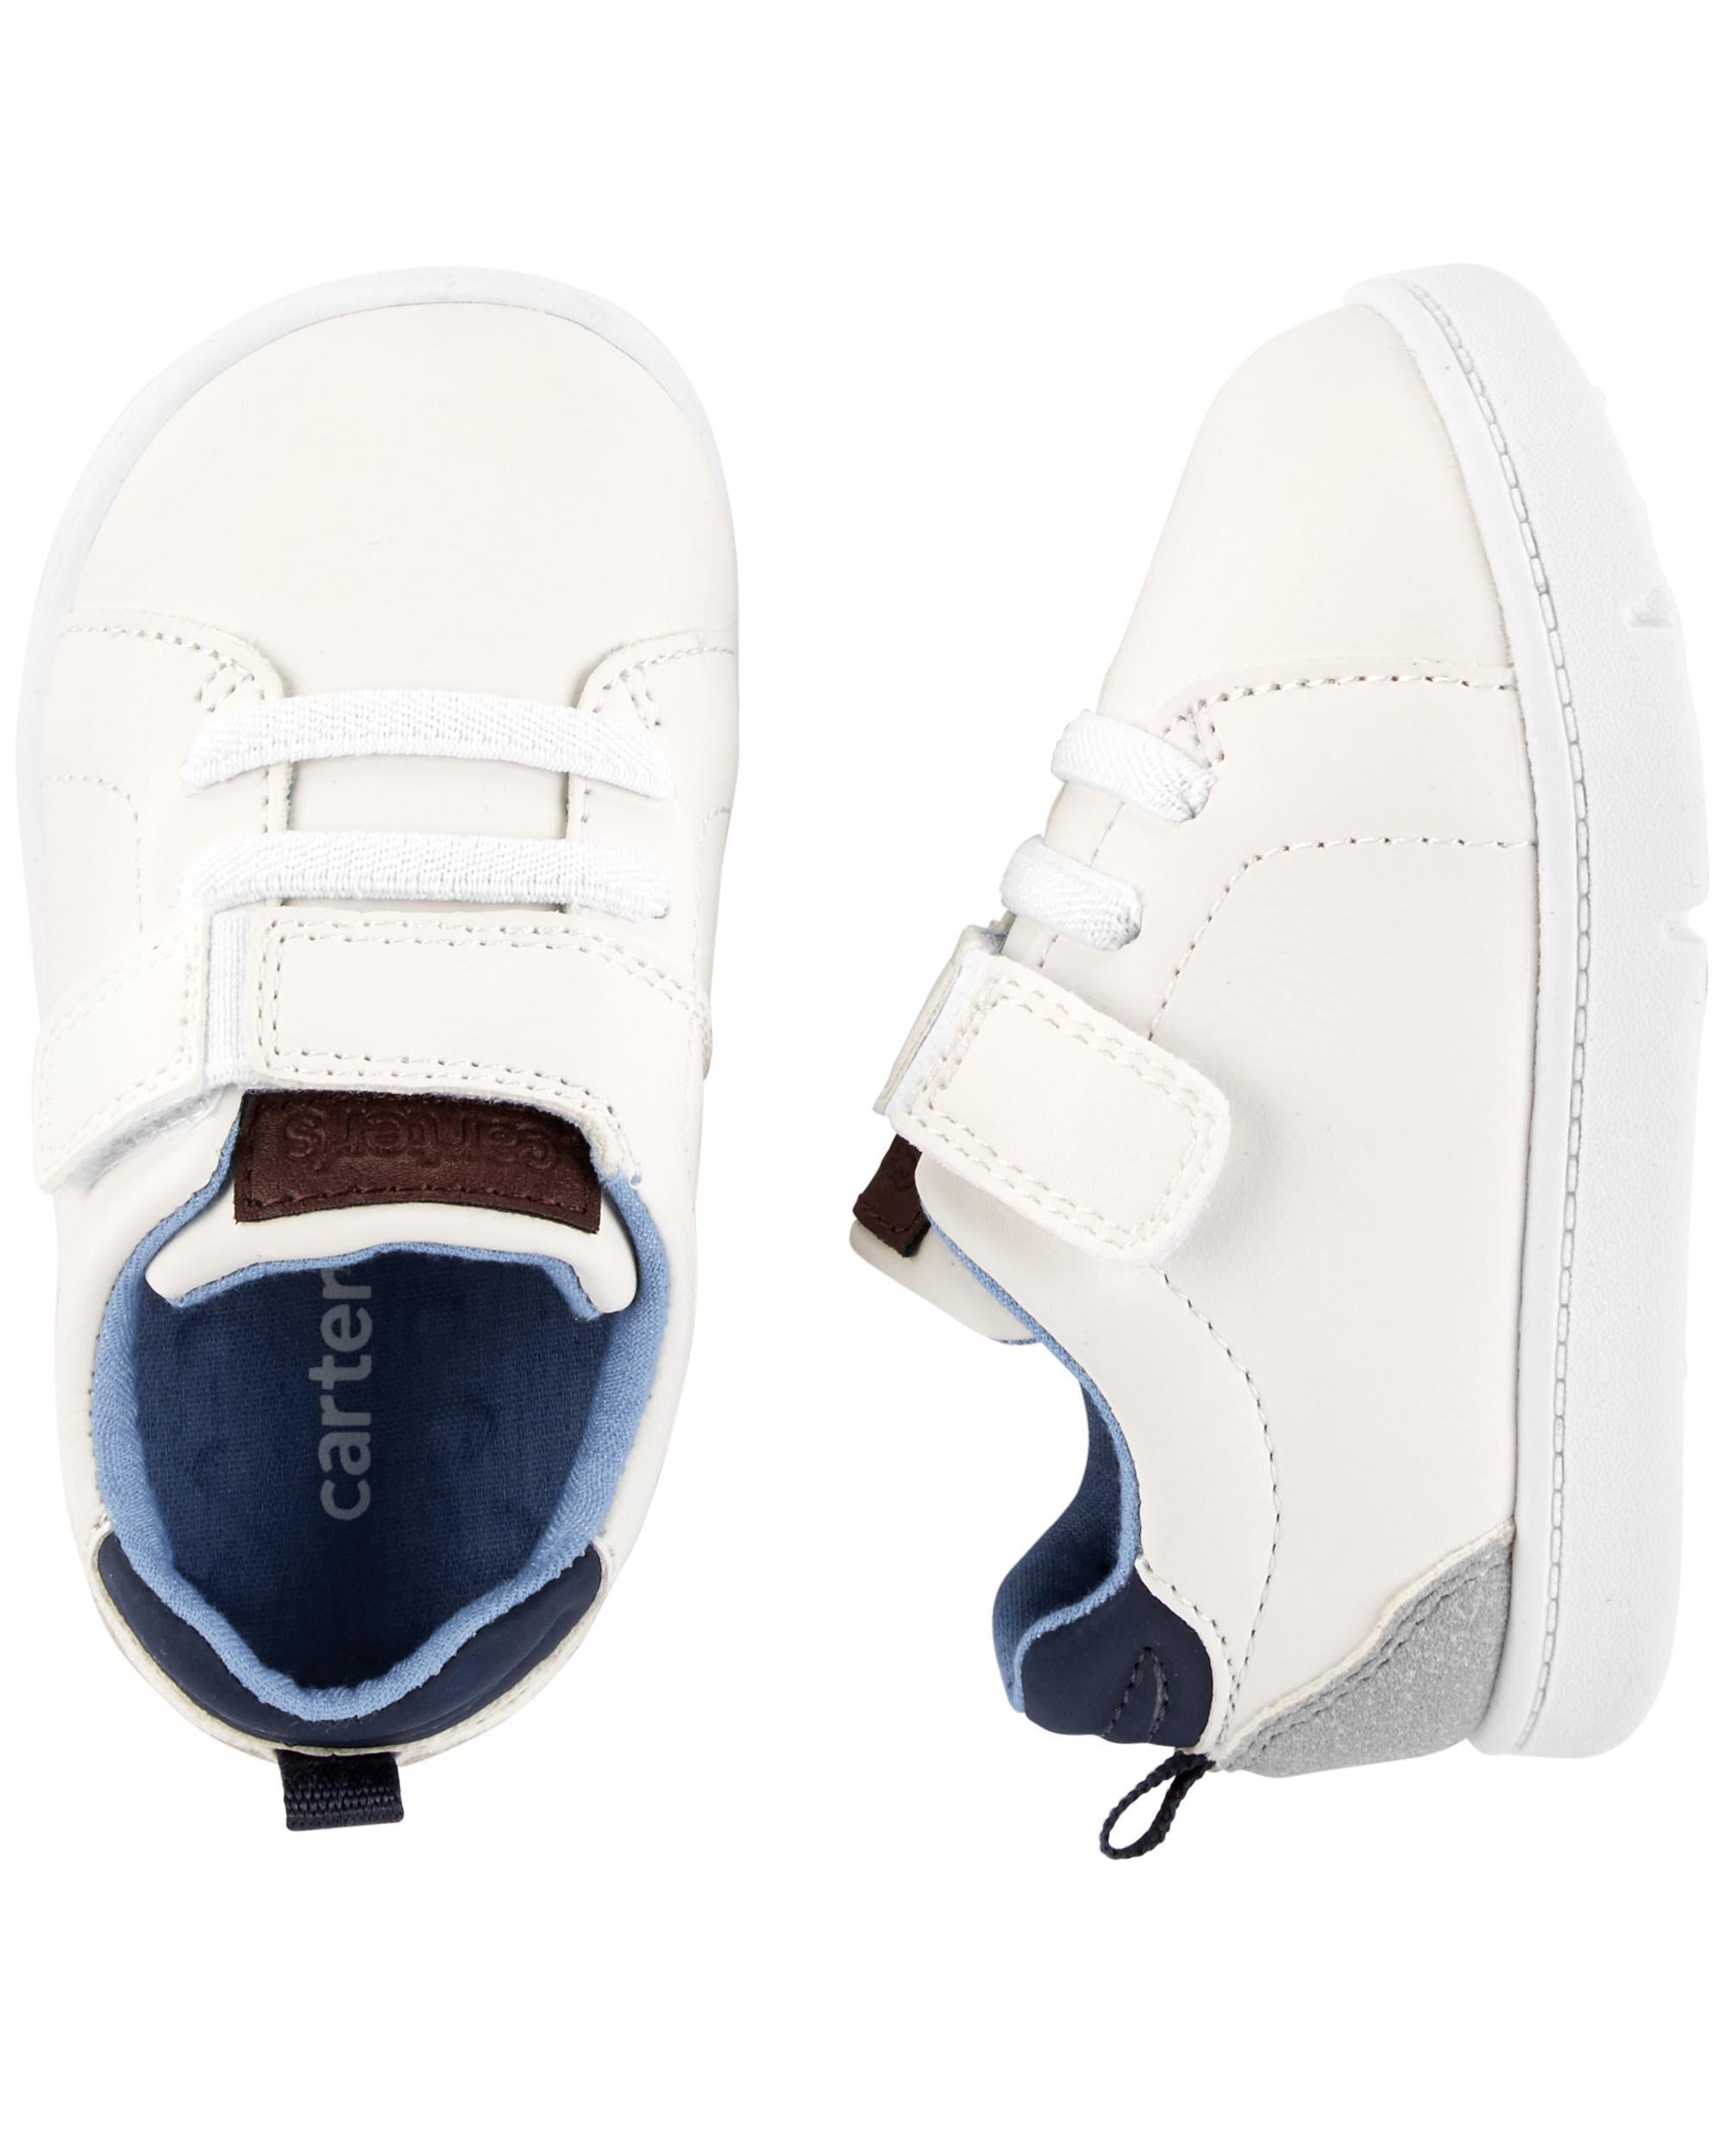 Boy Shoes | Carter's | Free Shipping